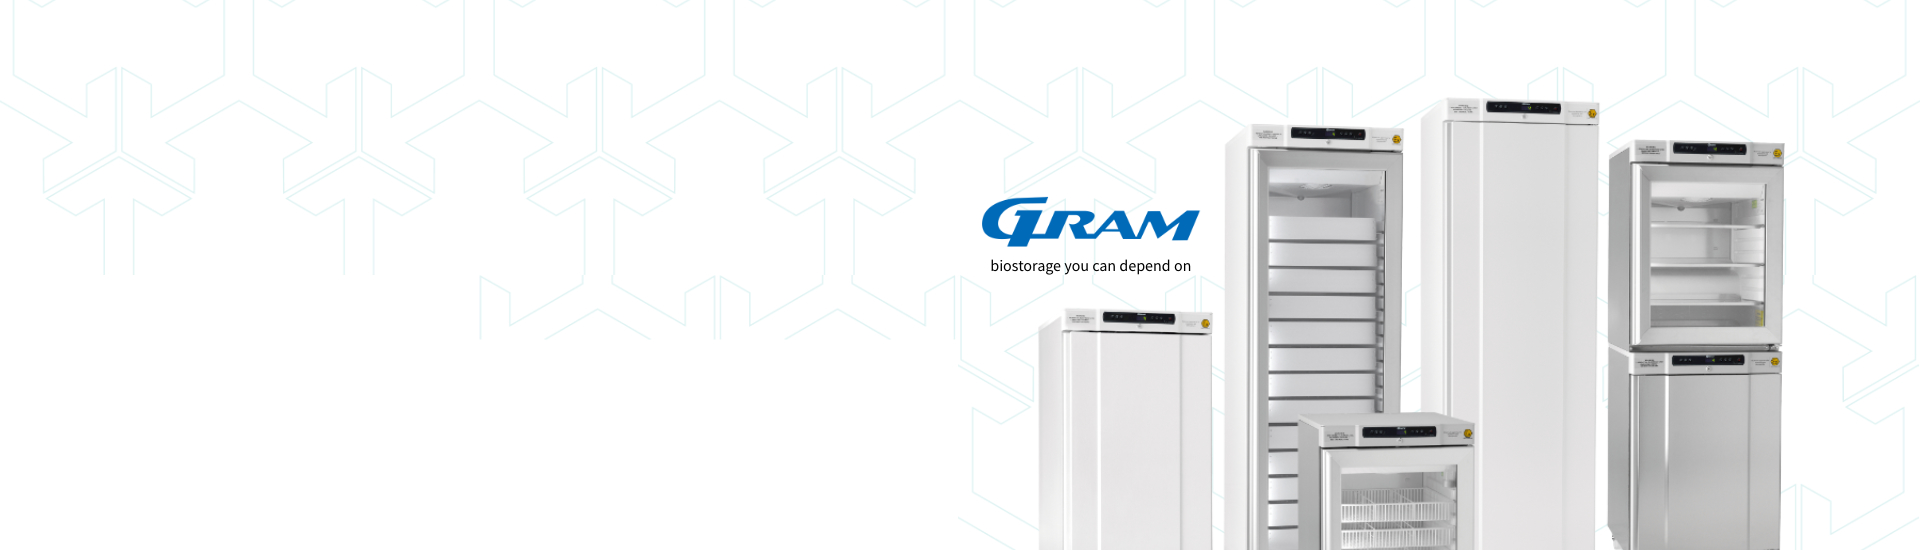 Gram bioline configurateur img